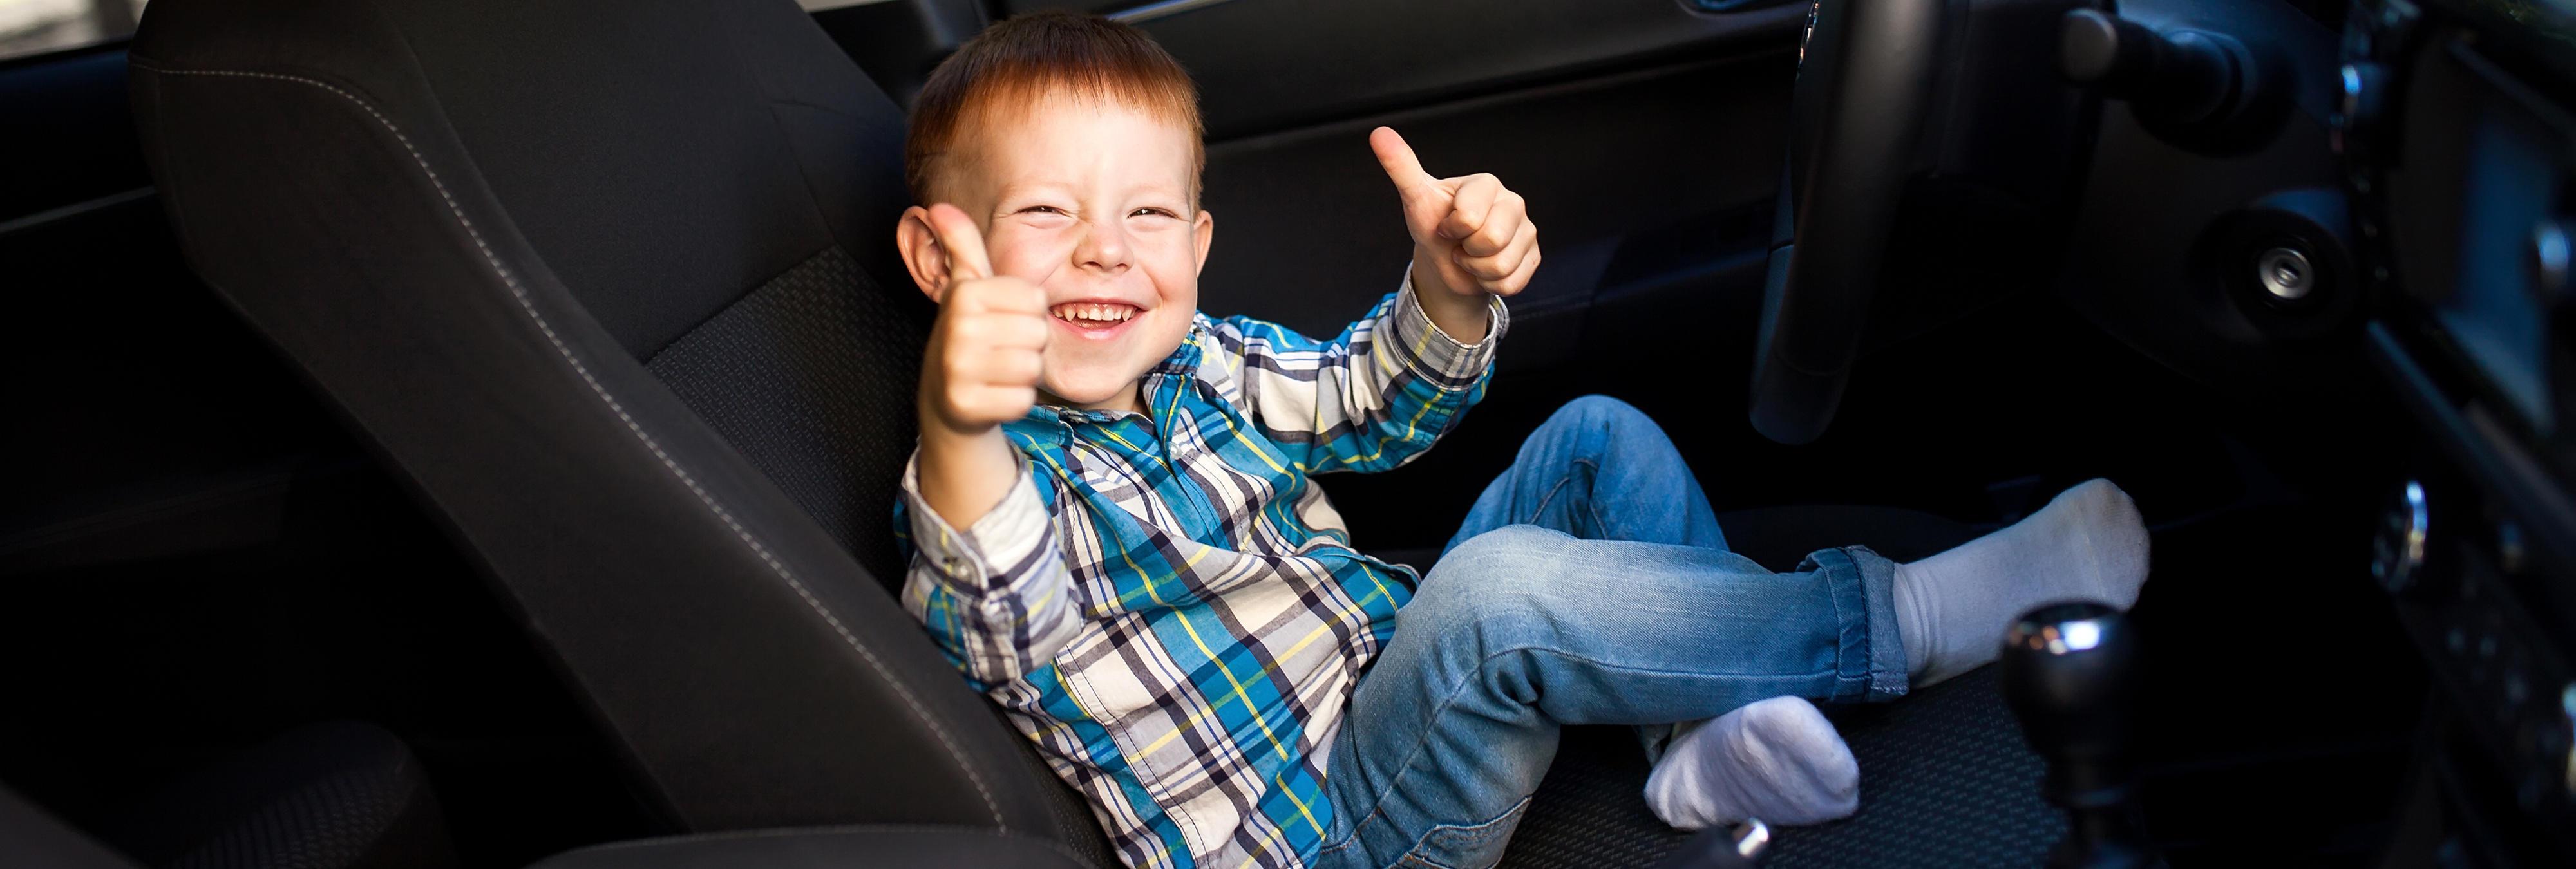 Un niño de 8 años coge el coche hasta el McDonald's tras aprender a conducir con tutoriales de YouTube